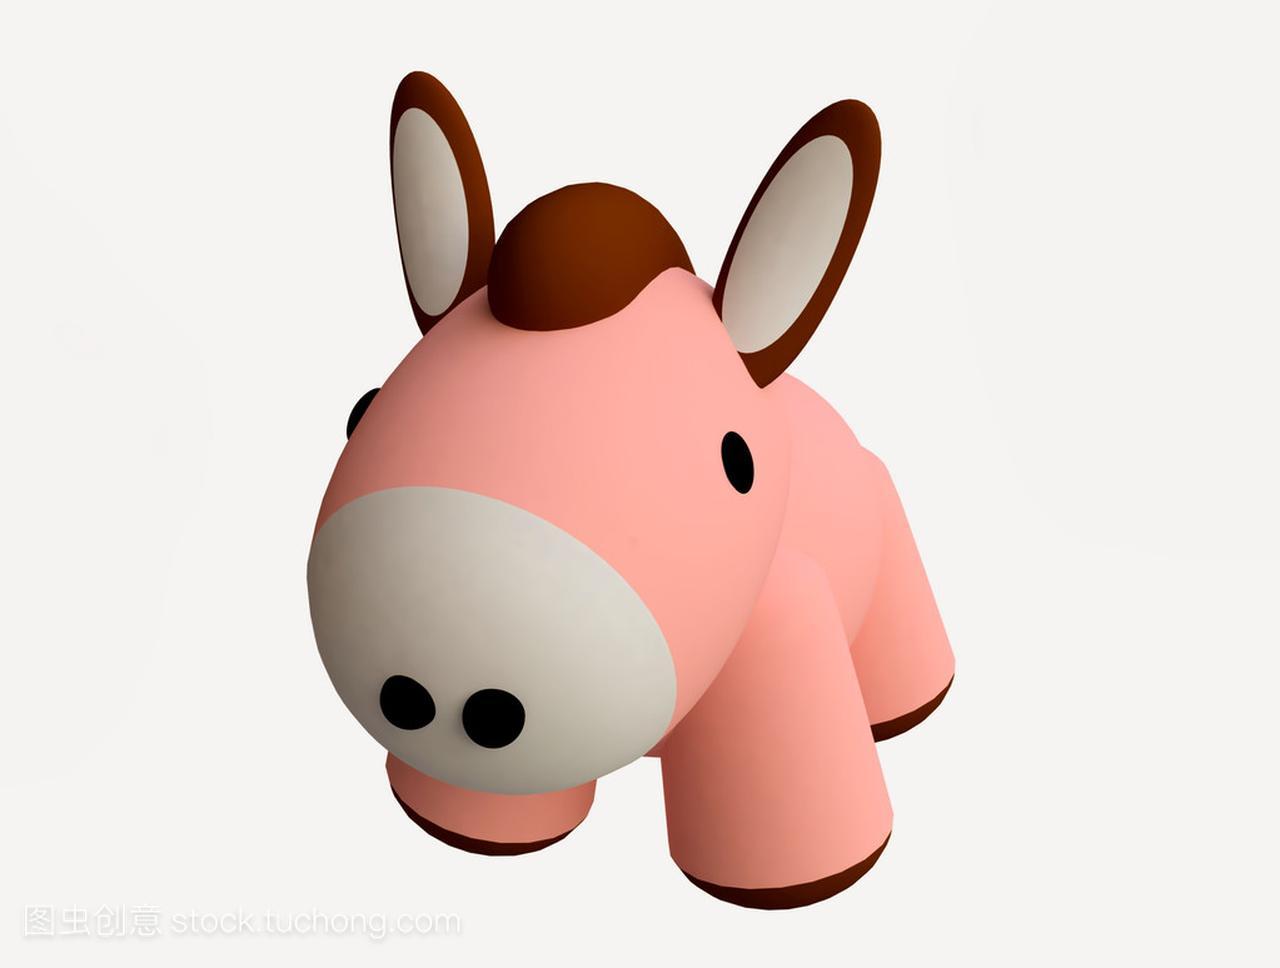 搞笑表情小驴晒几短短天才包图玩具黑图片